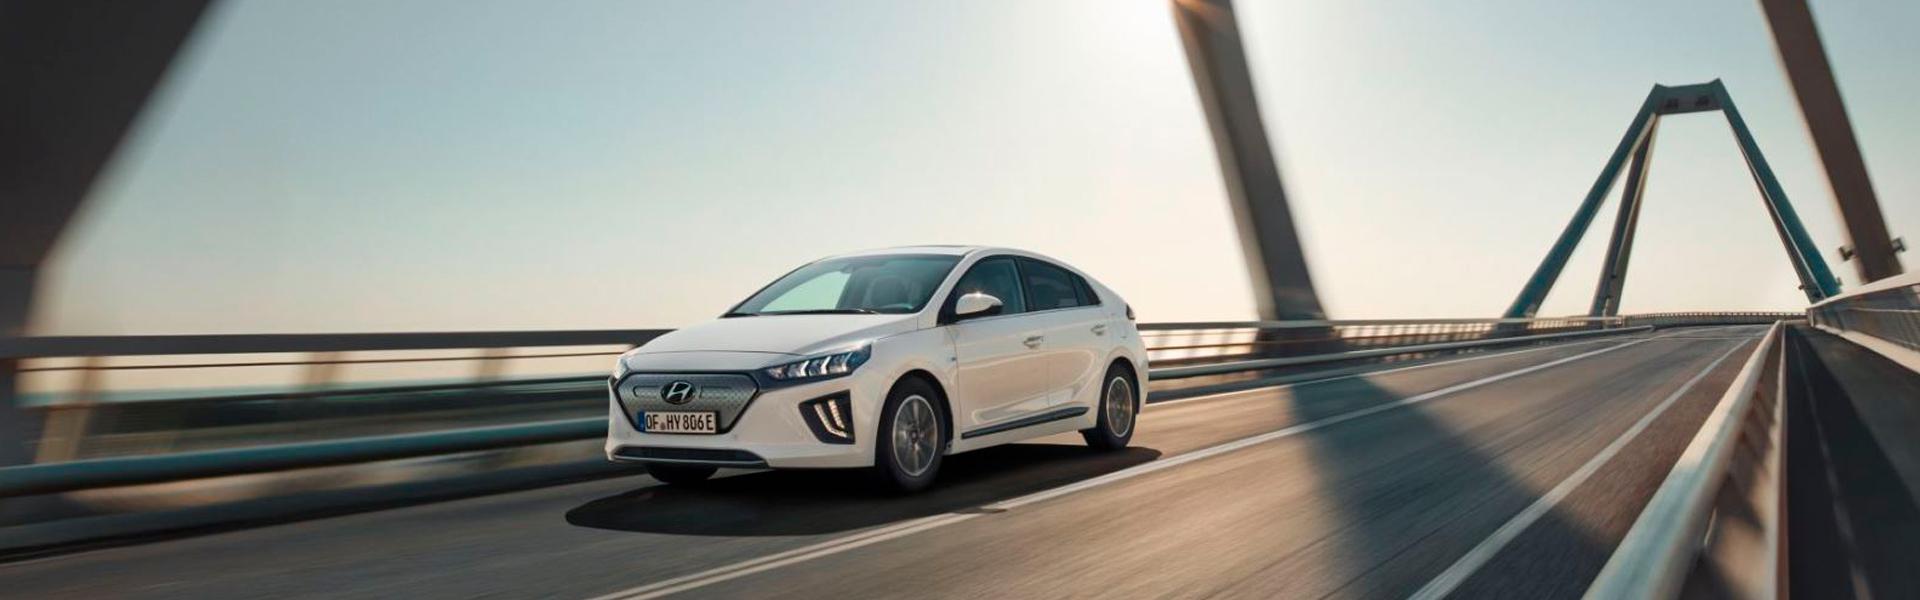 Hyundai IONIQ Electric - обзор